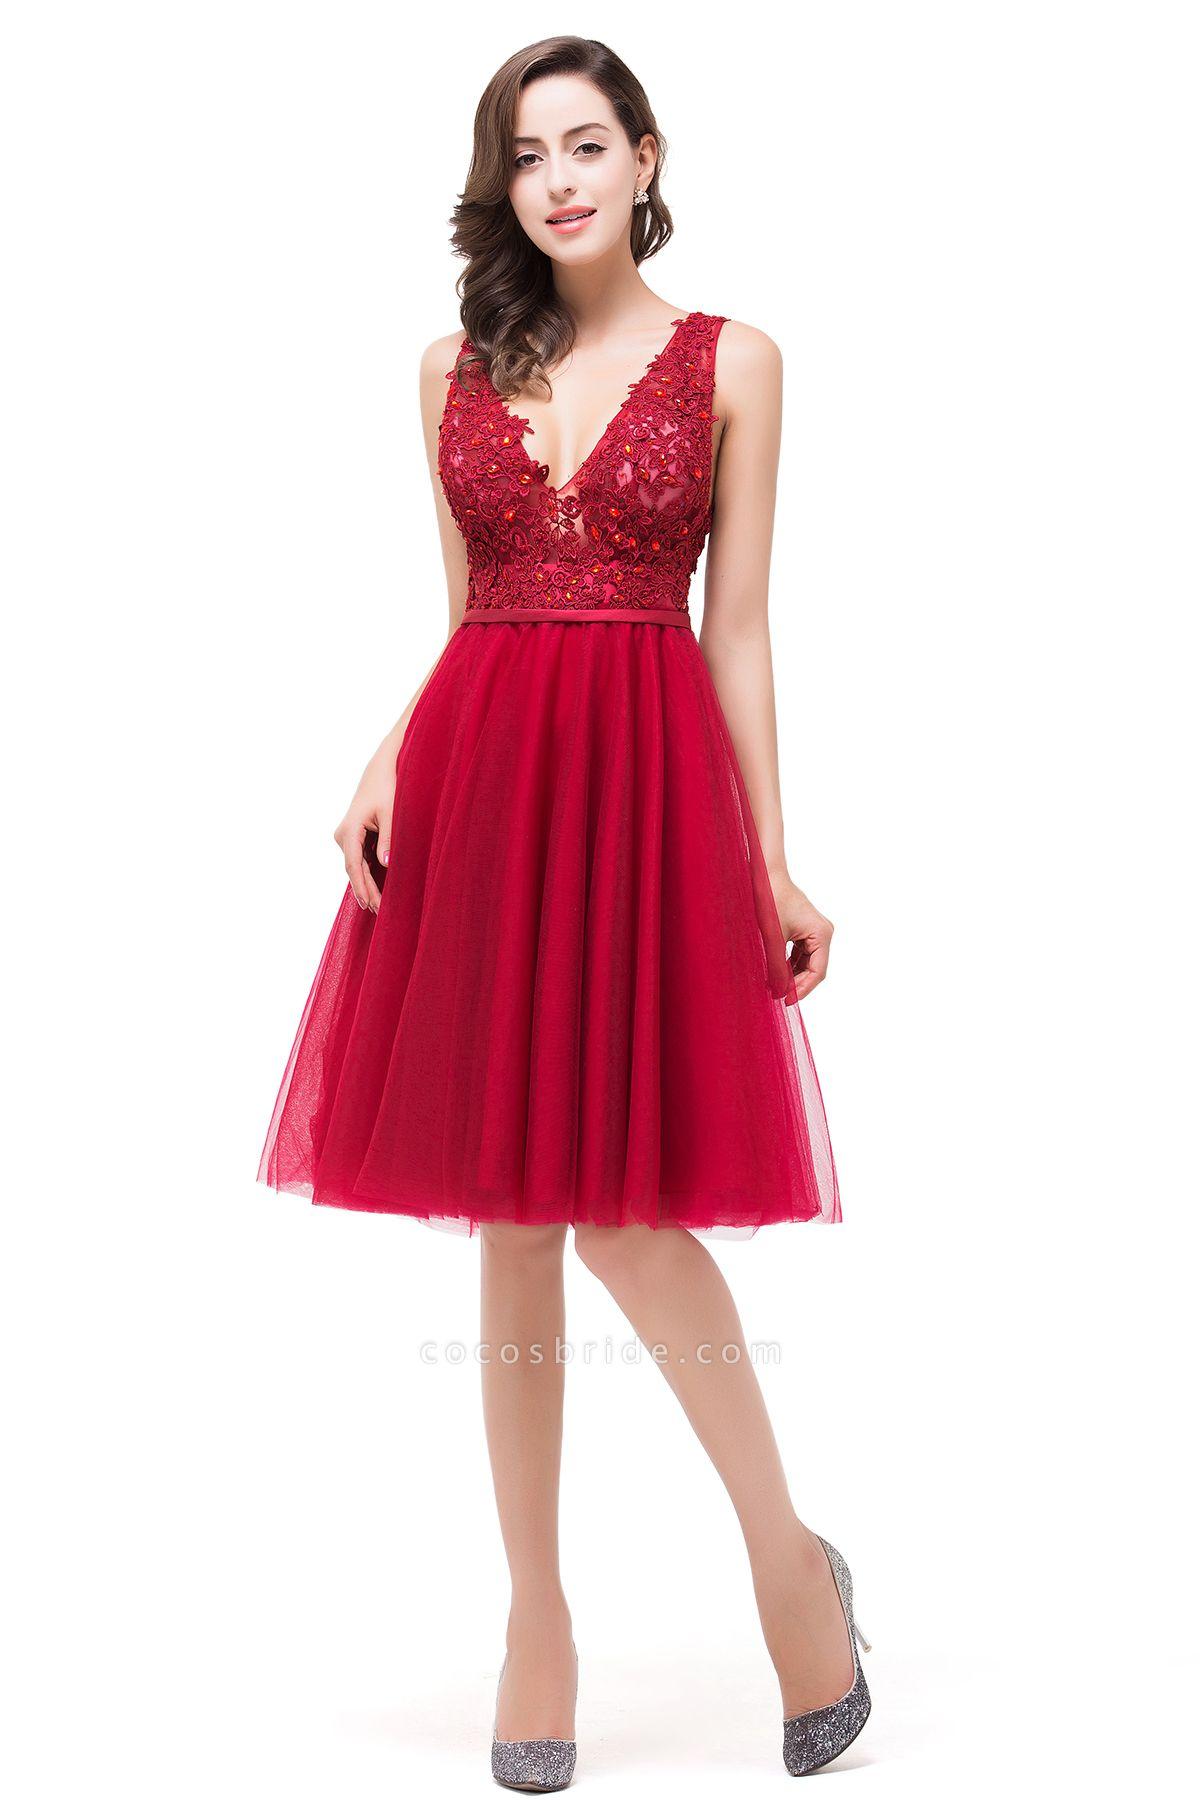 EVIE   A-Line Deep-V Neck Sleeveless Short Prom Dresses with Appliques